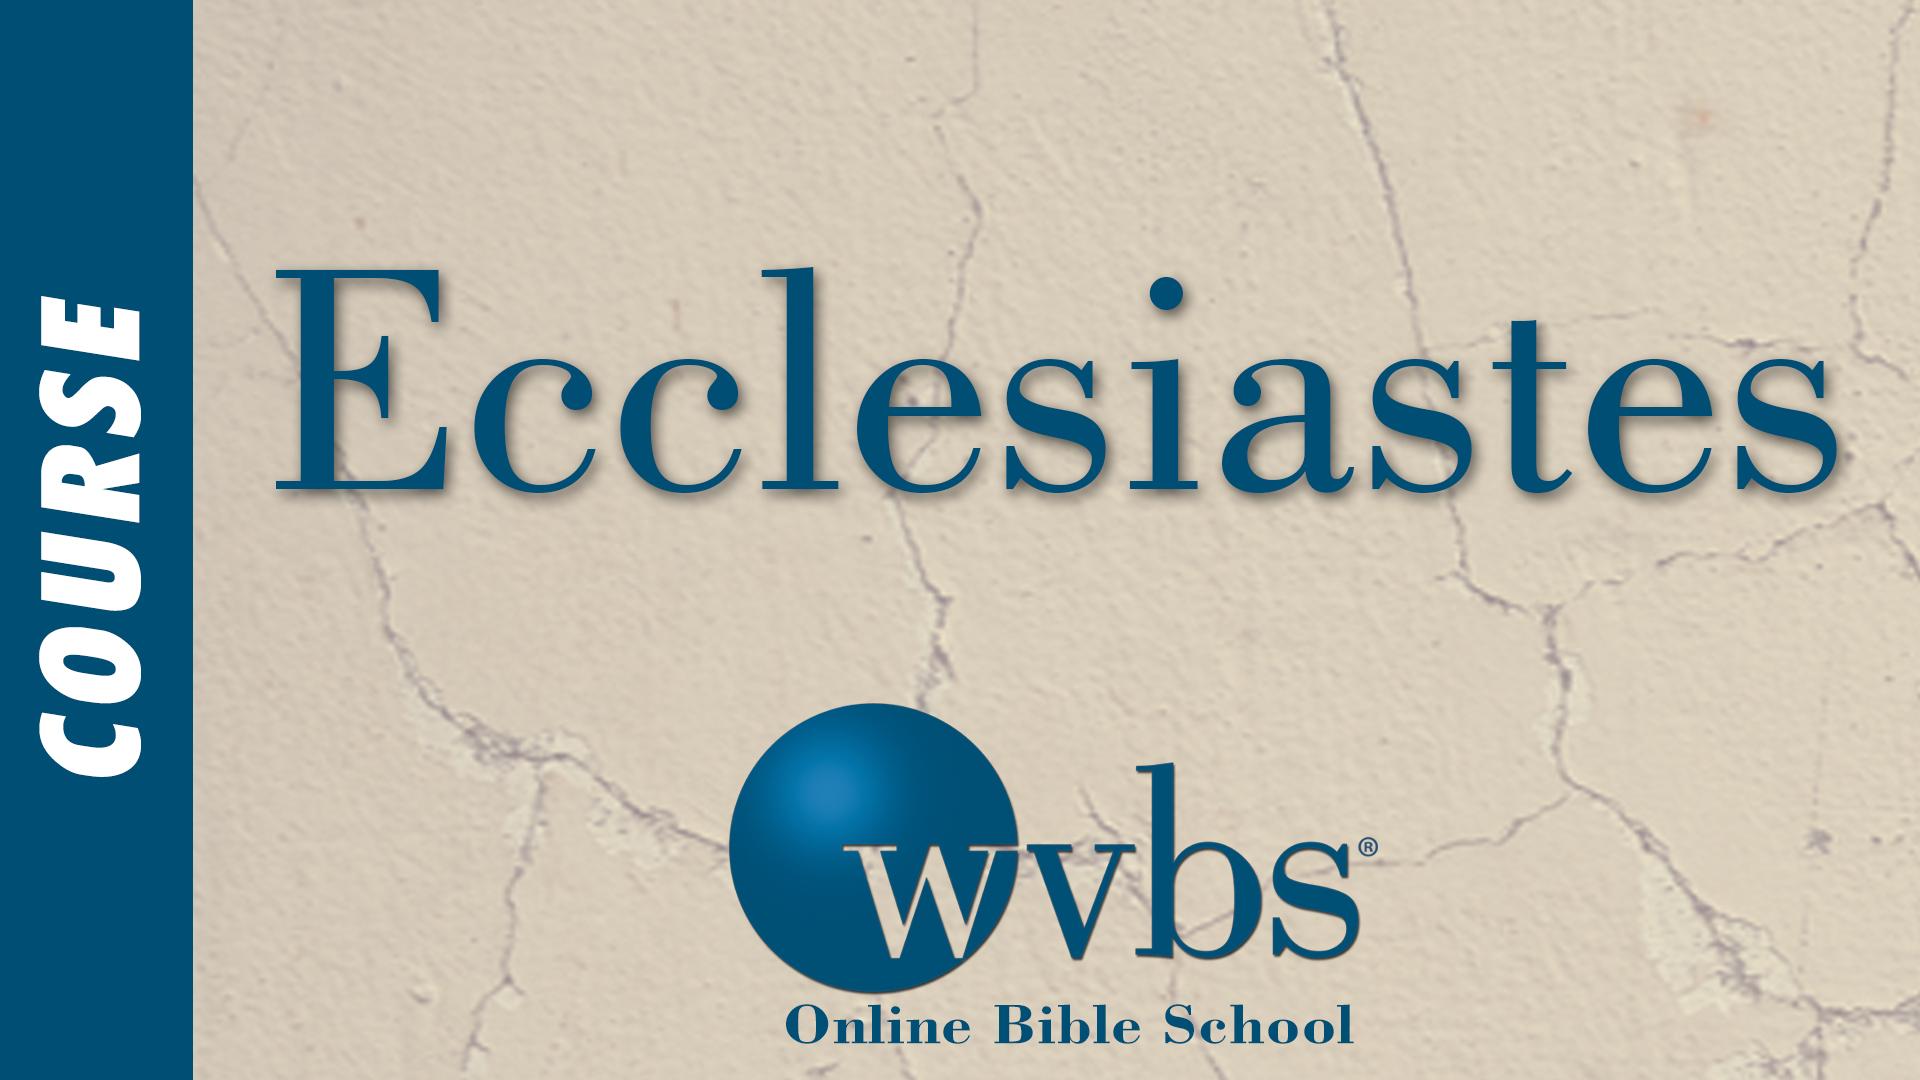 Ecclesiastes (Online Bible School)